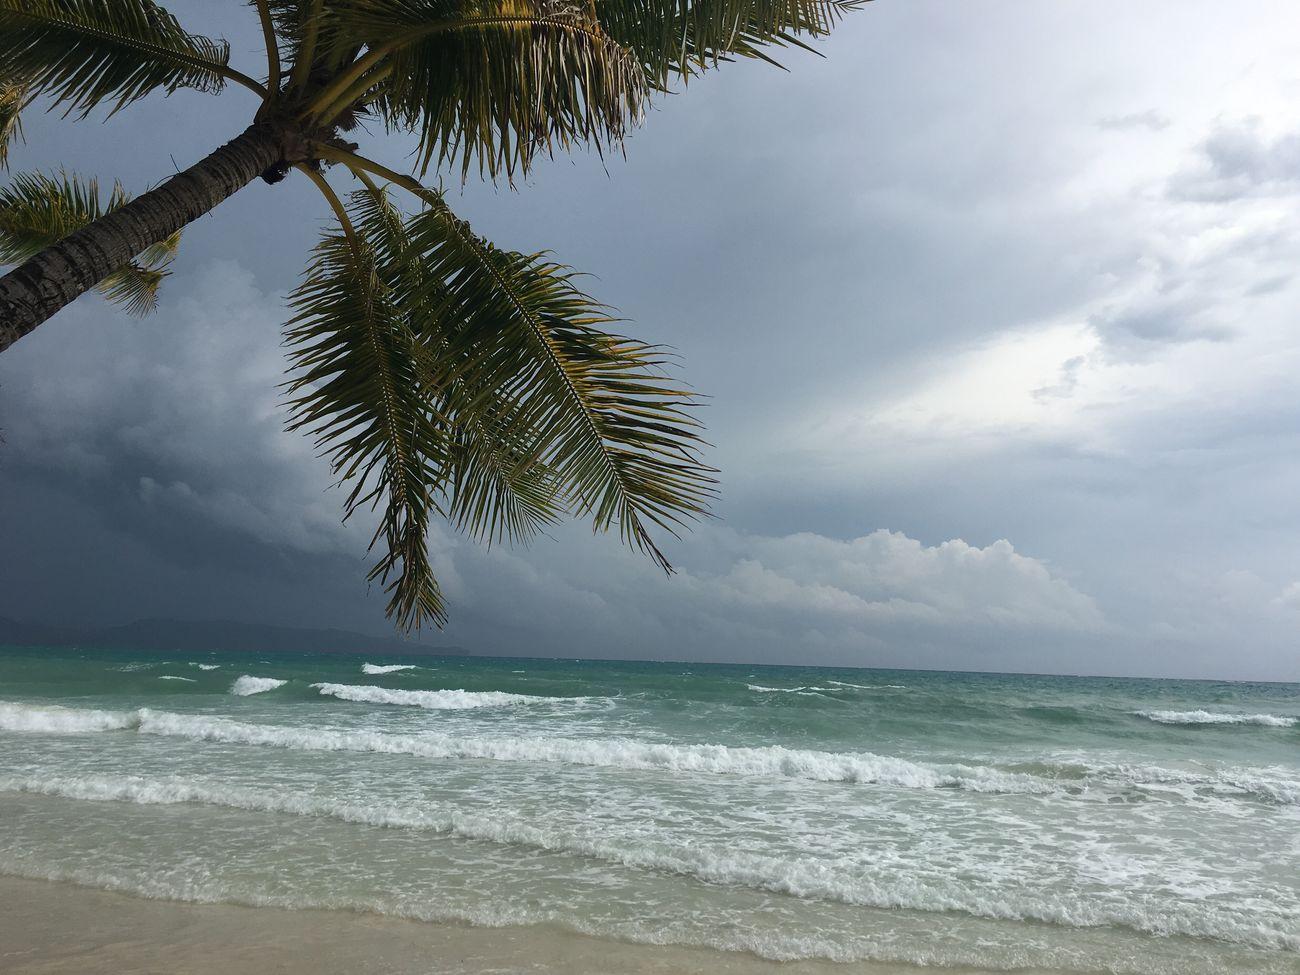 暴雨来临的前夕 Sky